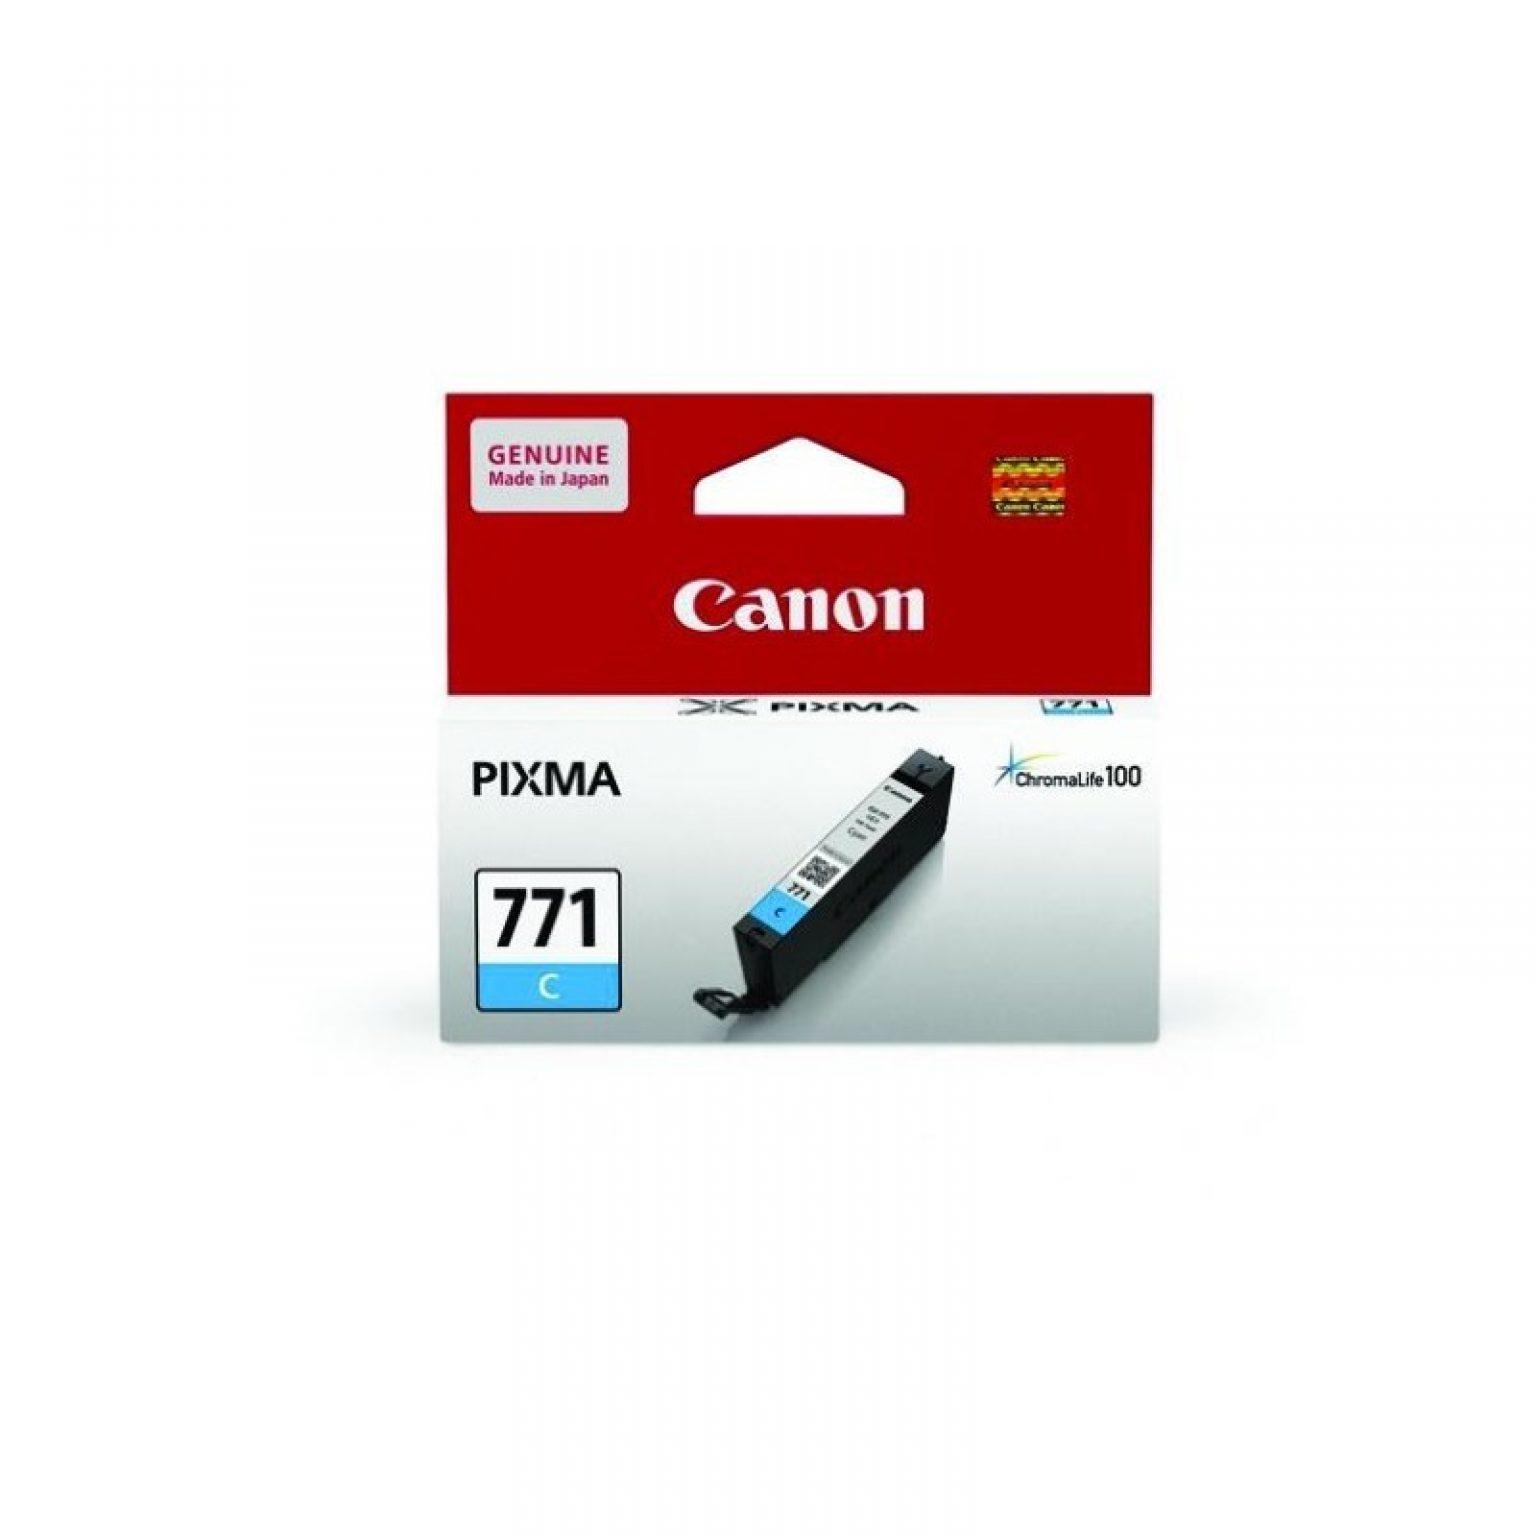 CANON - Ink Cartridge CLI-771 Cyan [CLI771C]